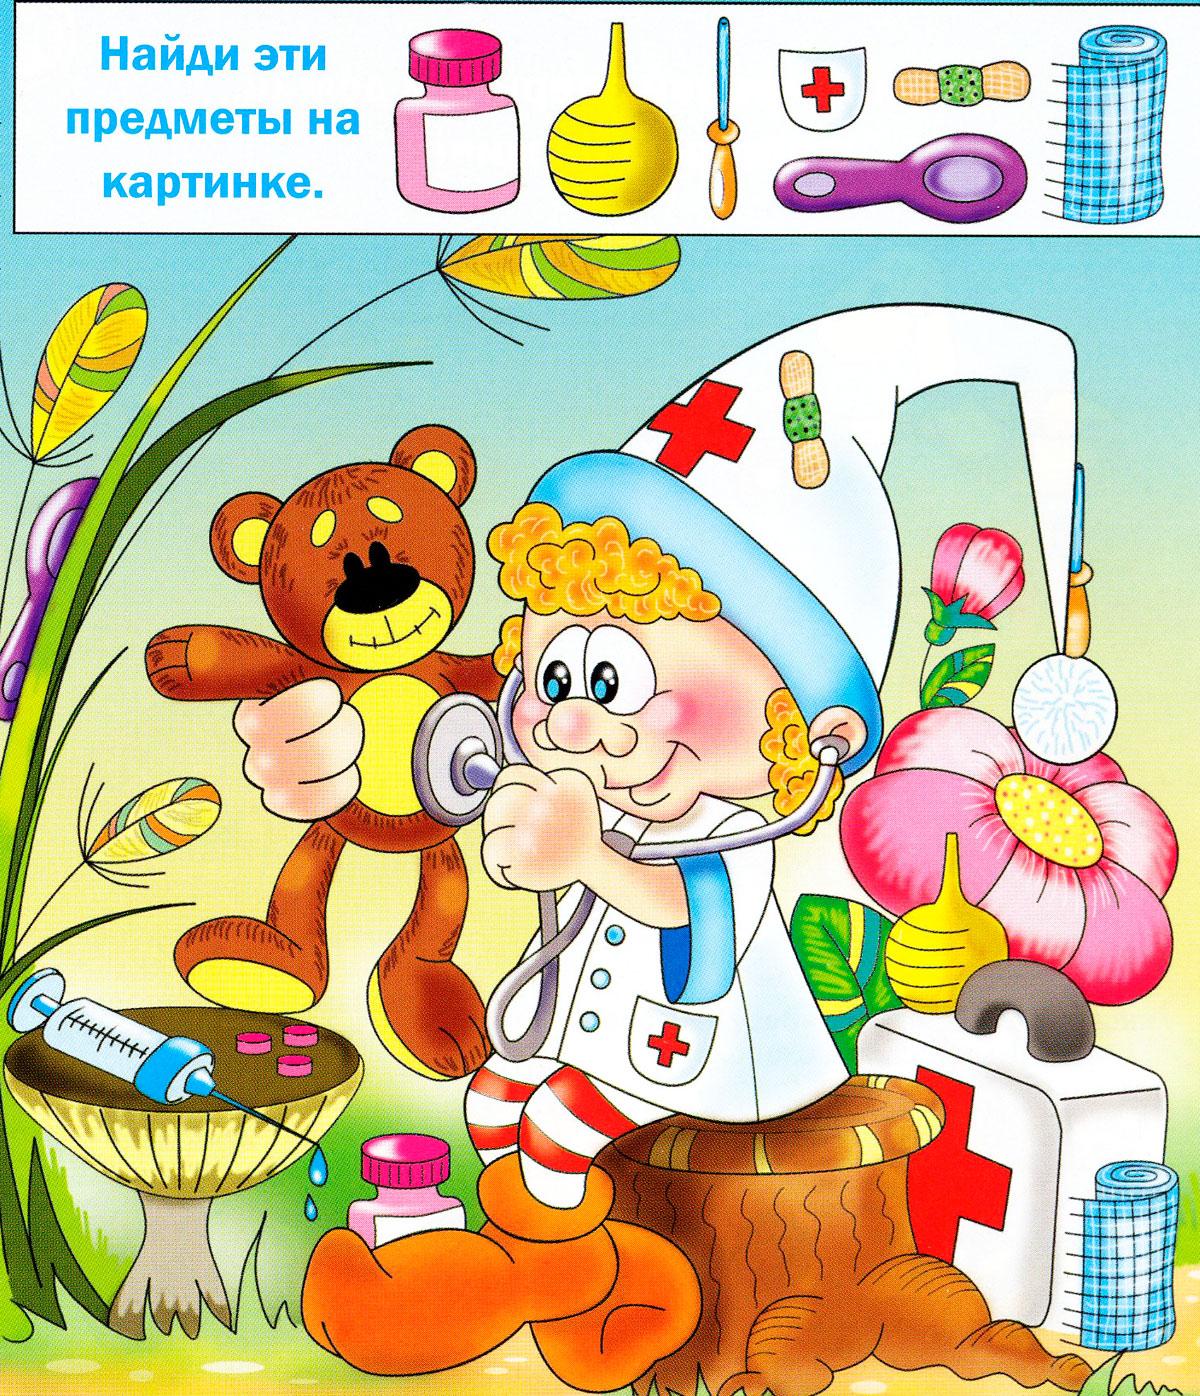 Узнай картинку игра для детей